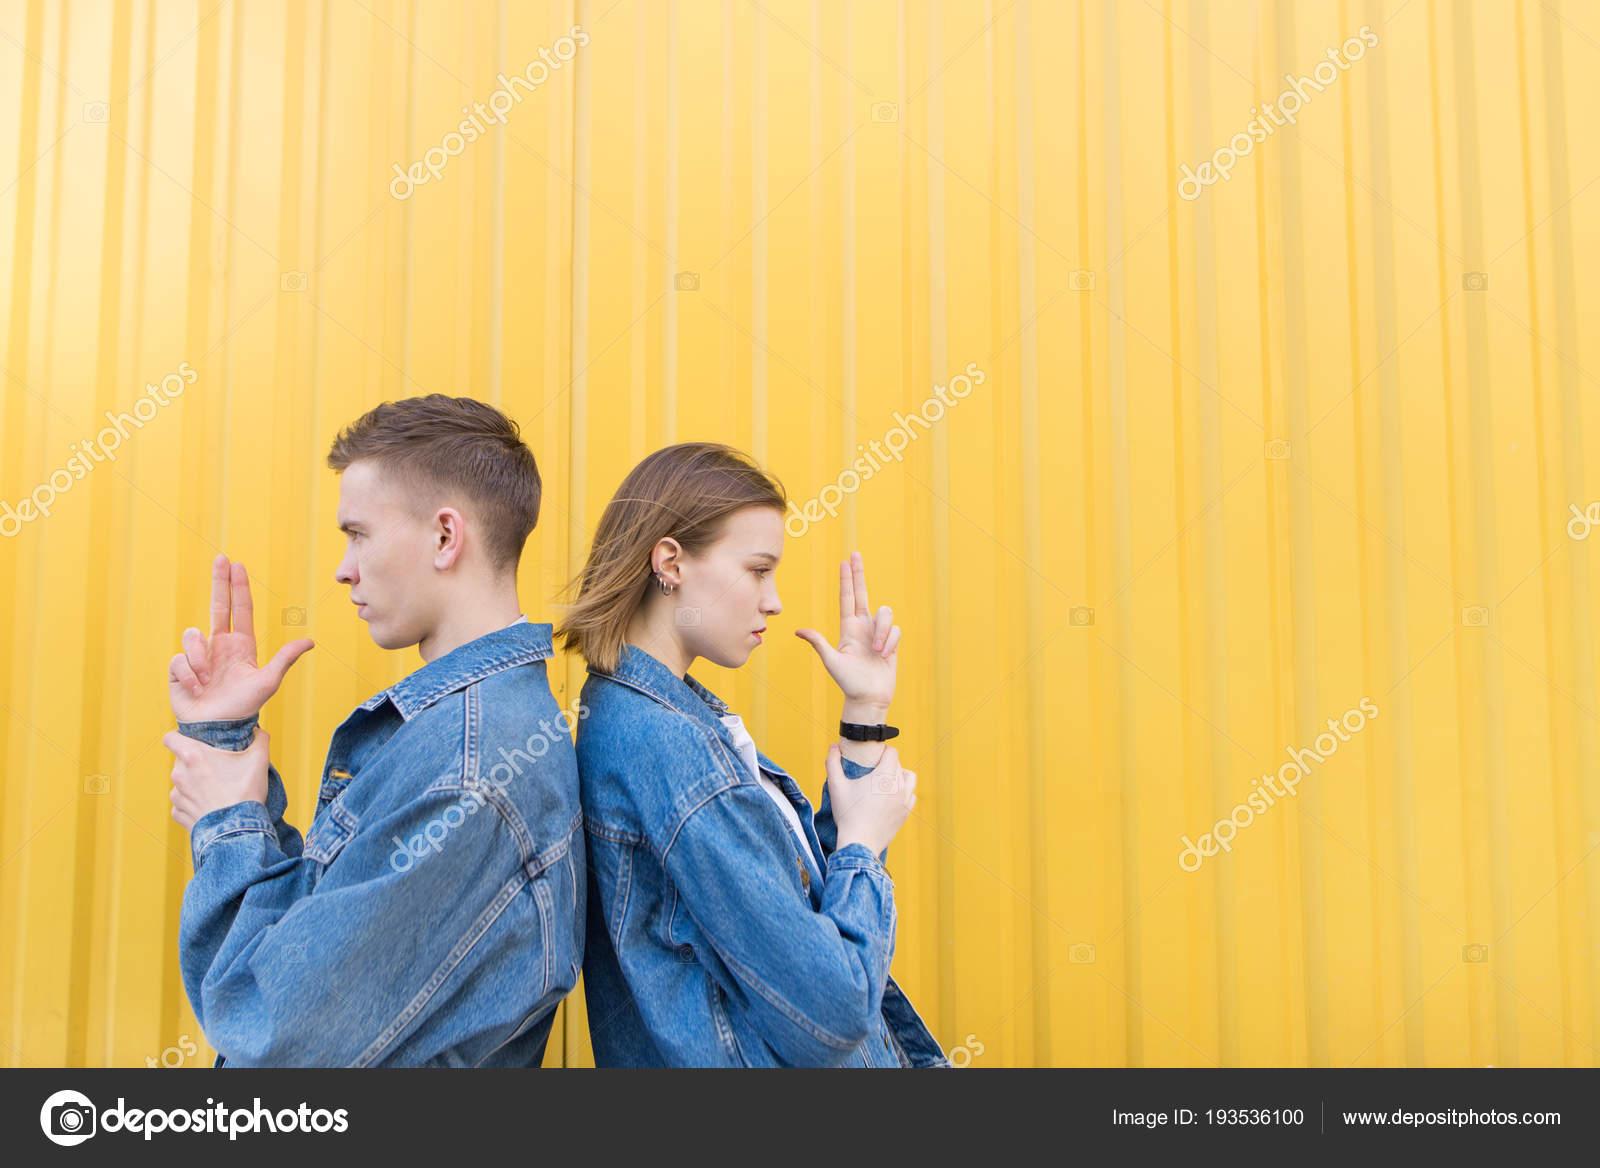 Картинки парень с девушкой спина к спине